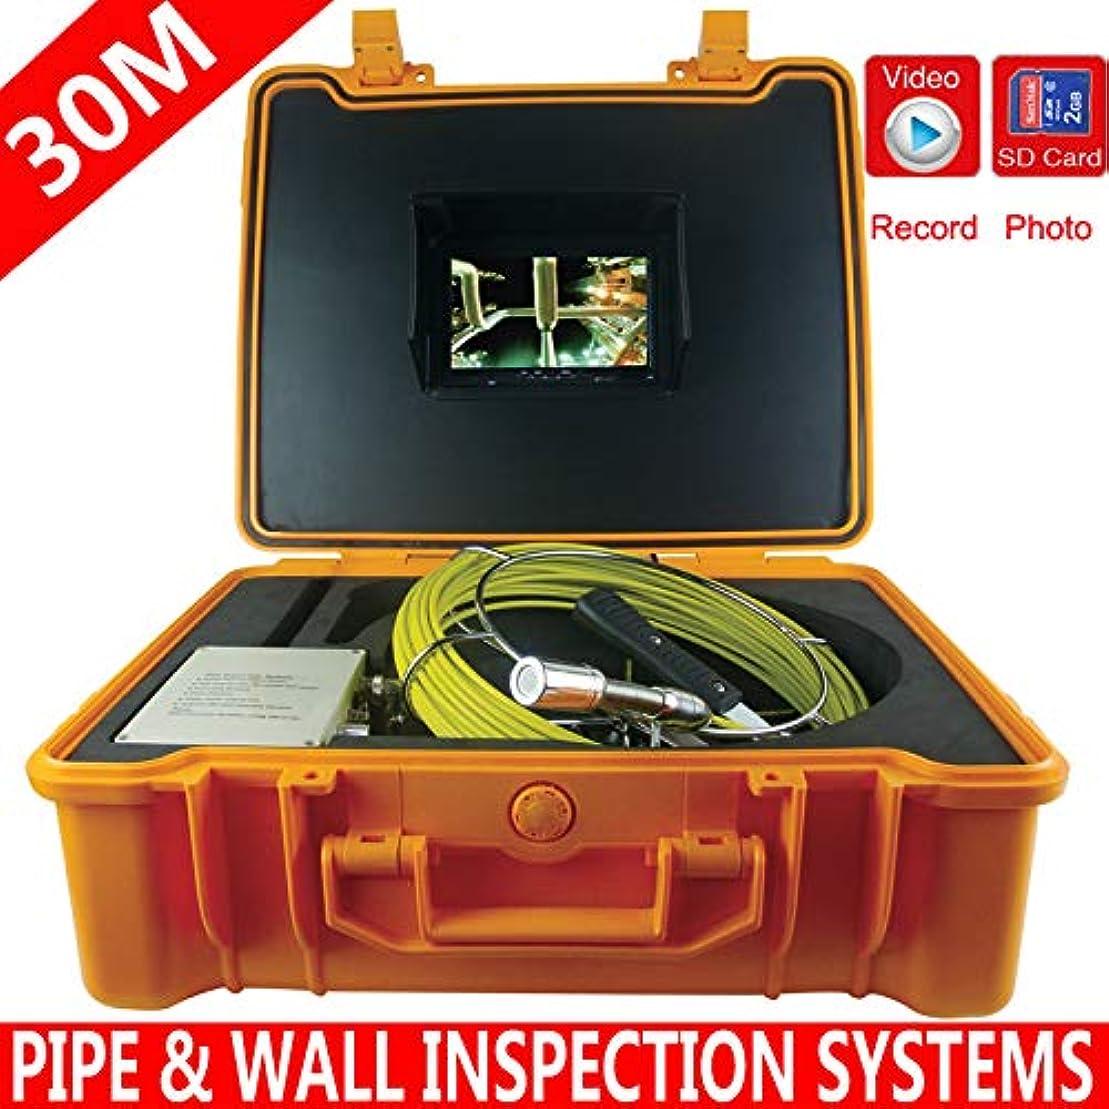 悔い改め姿を消す公然と管の検査システム30Mの下水道の防水カメラの管のパイプラインの排水検査システム7